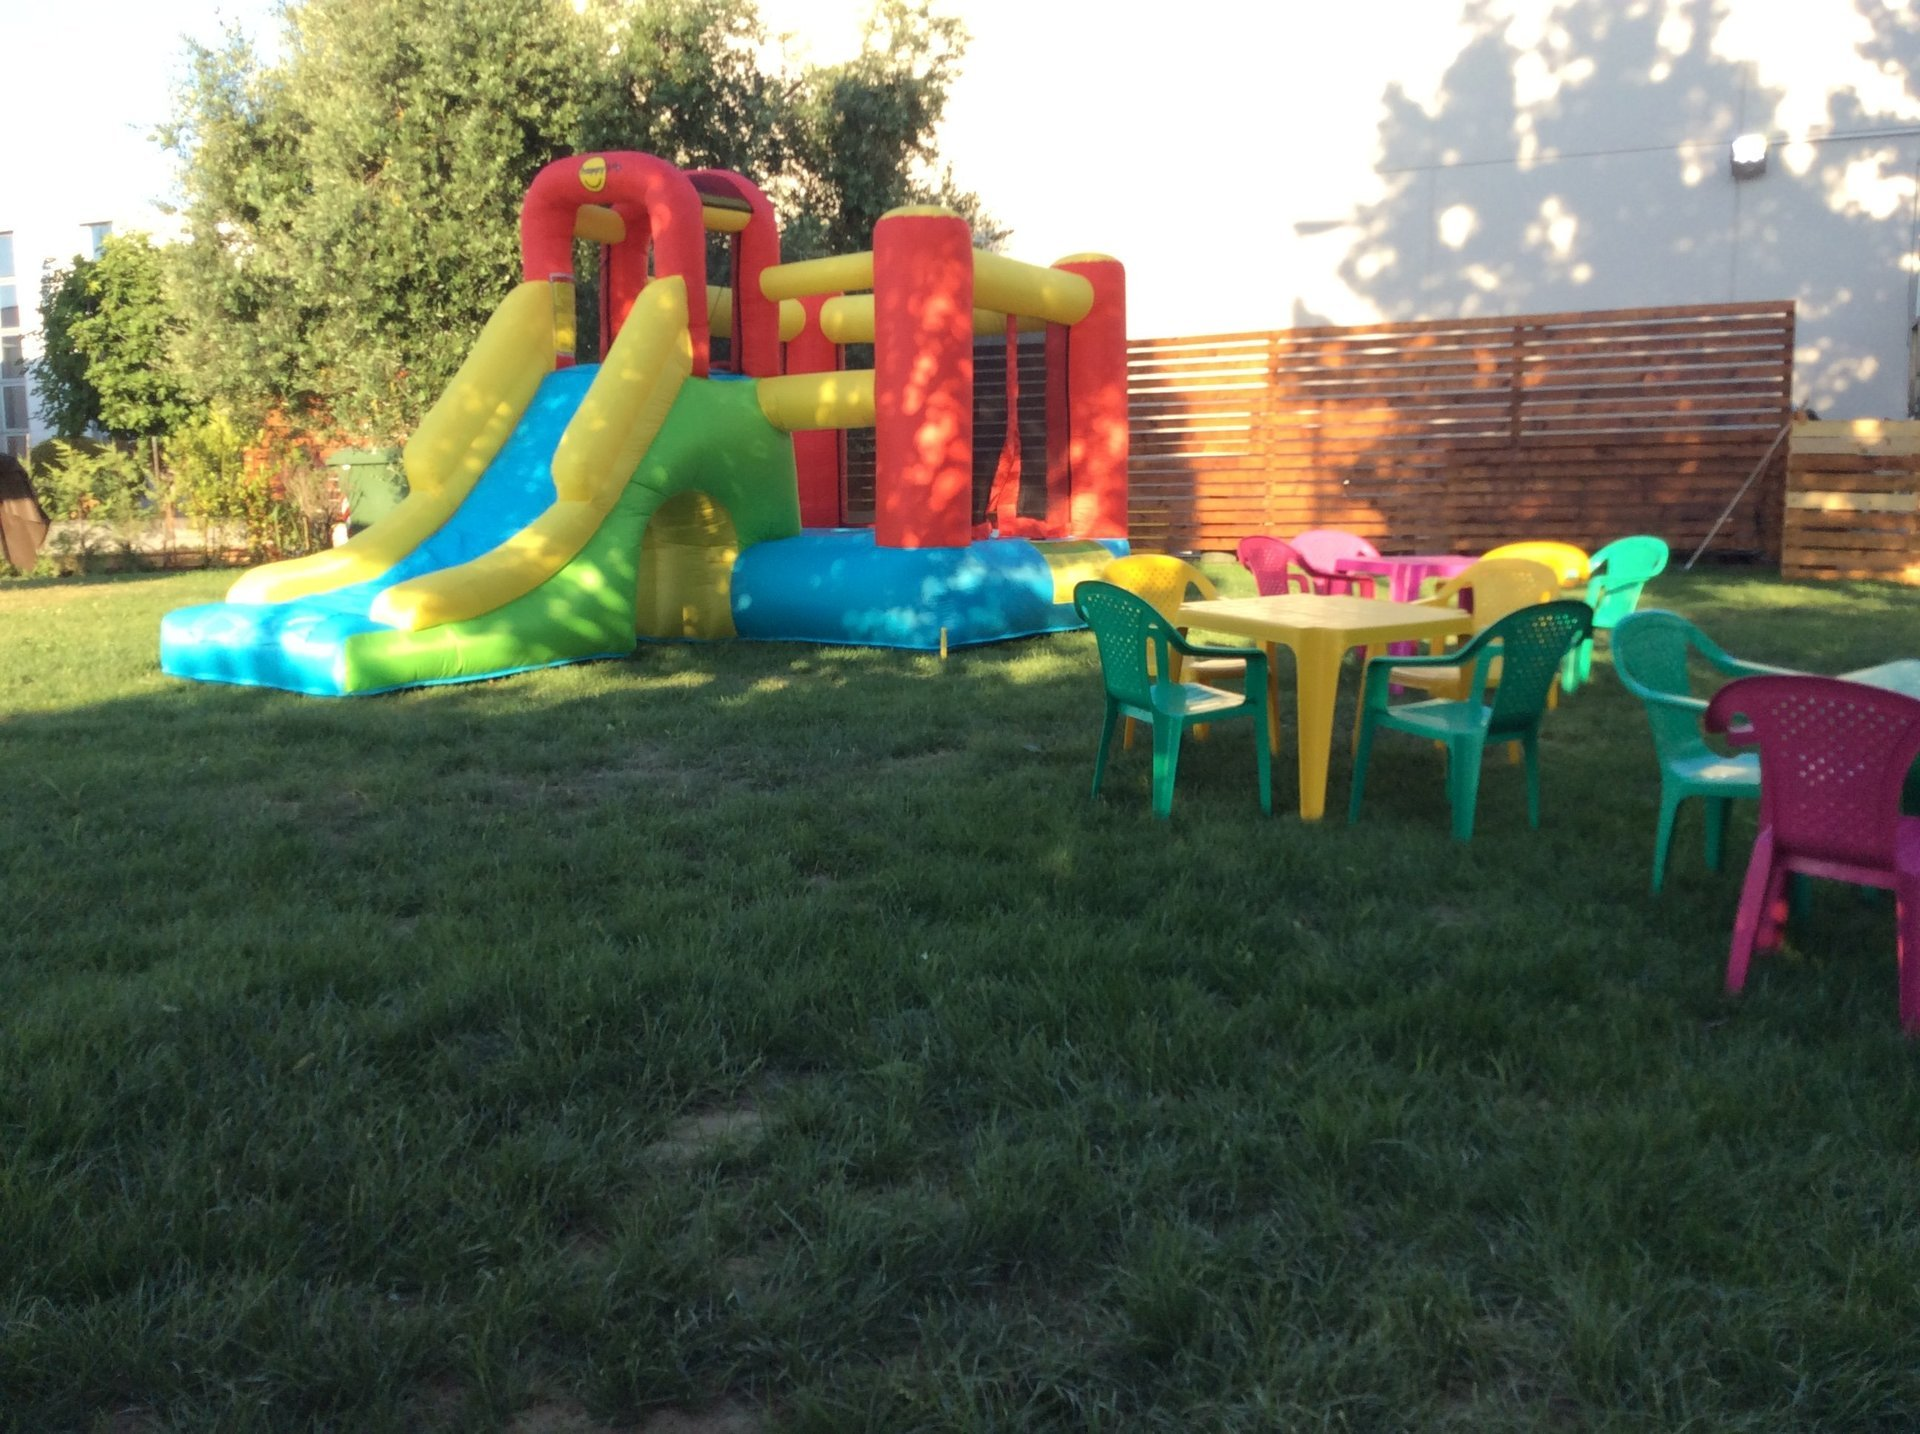 giardino con gonfiabili e giochi per bambini